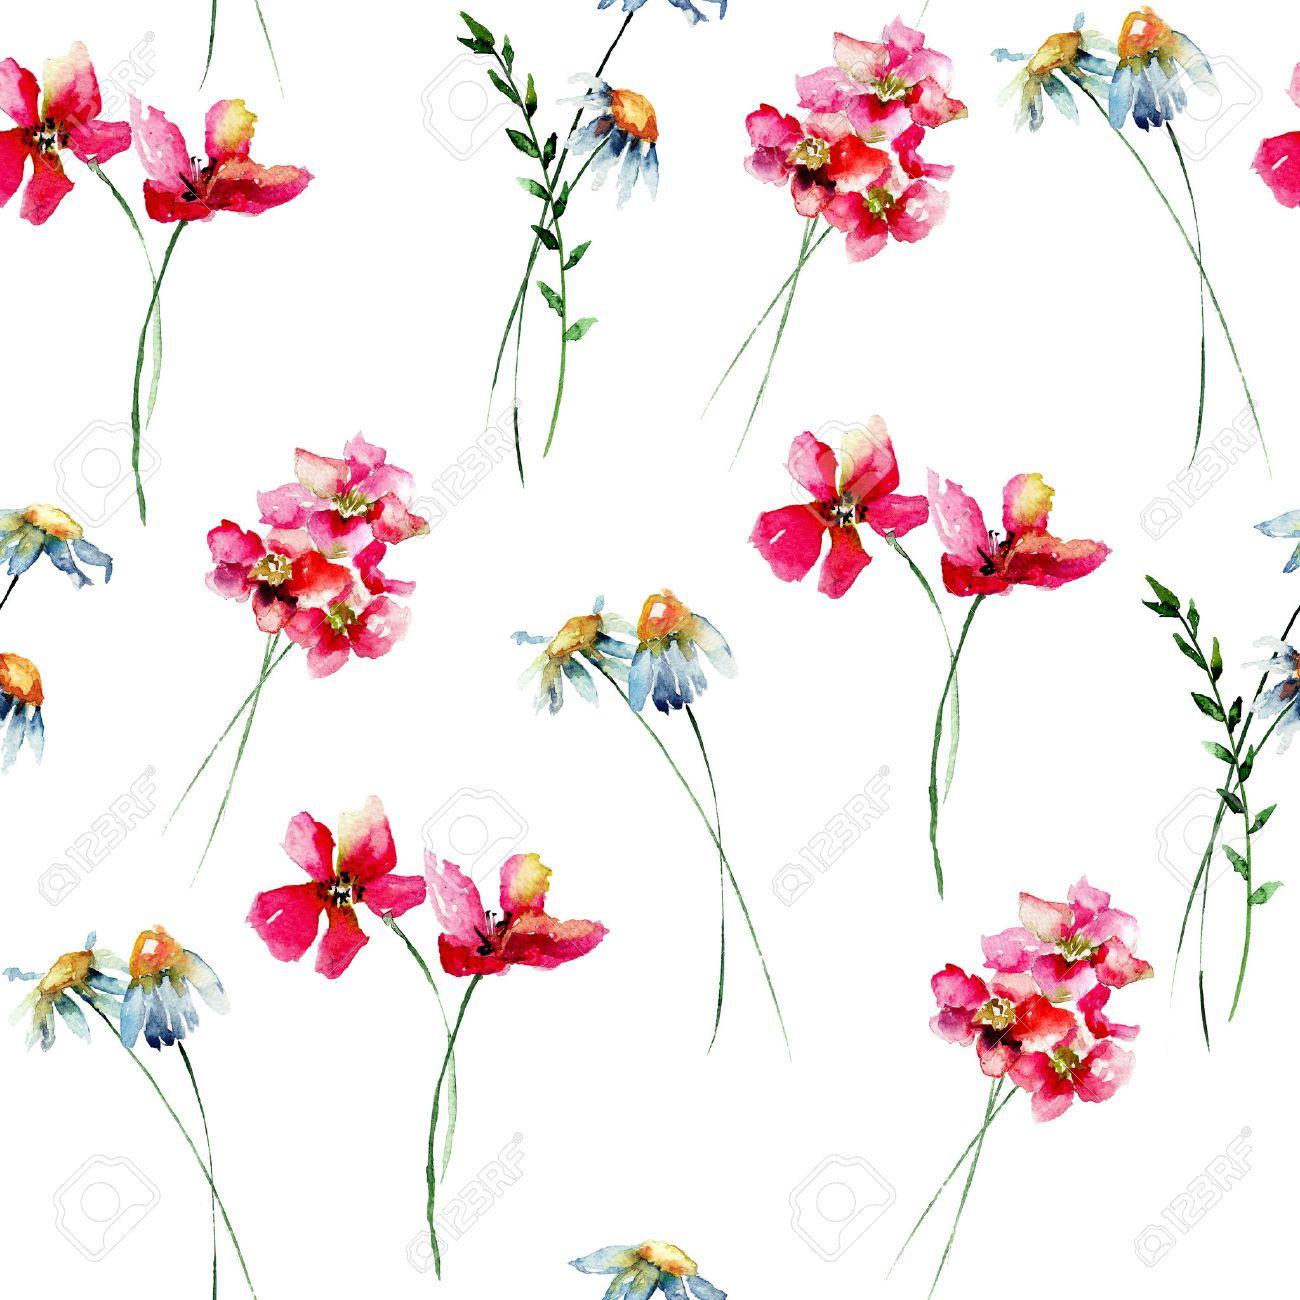 Fleurs Stylisées seamless wallpaper avec des fleurs stylisées sauvages, illustration